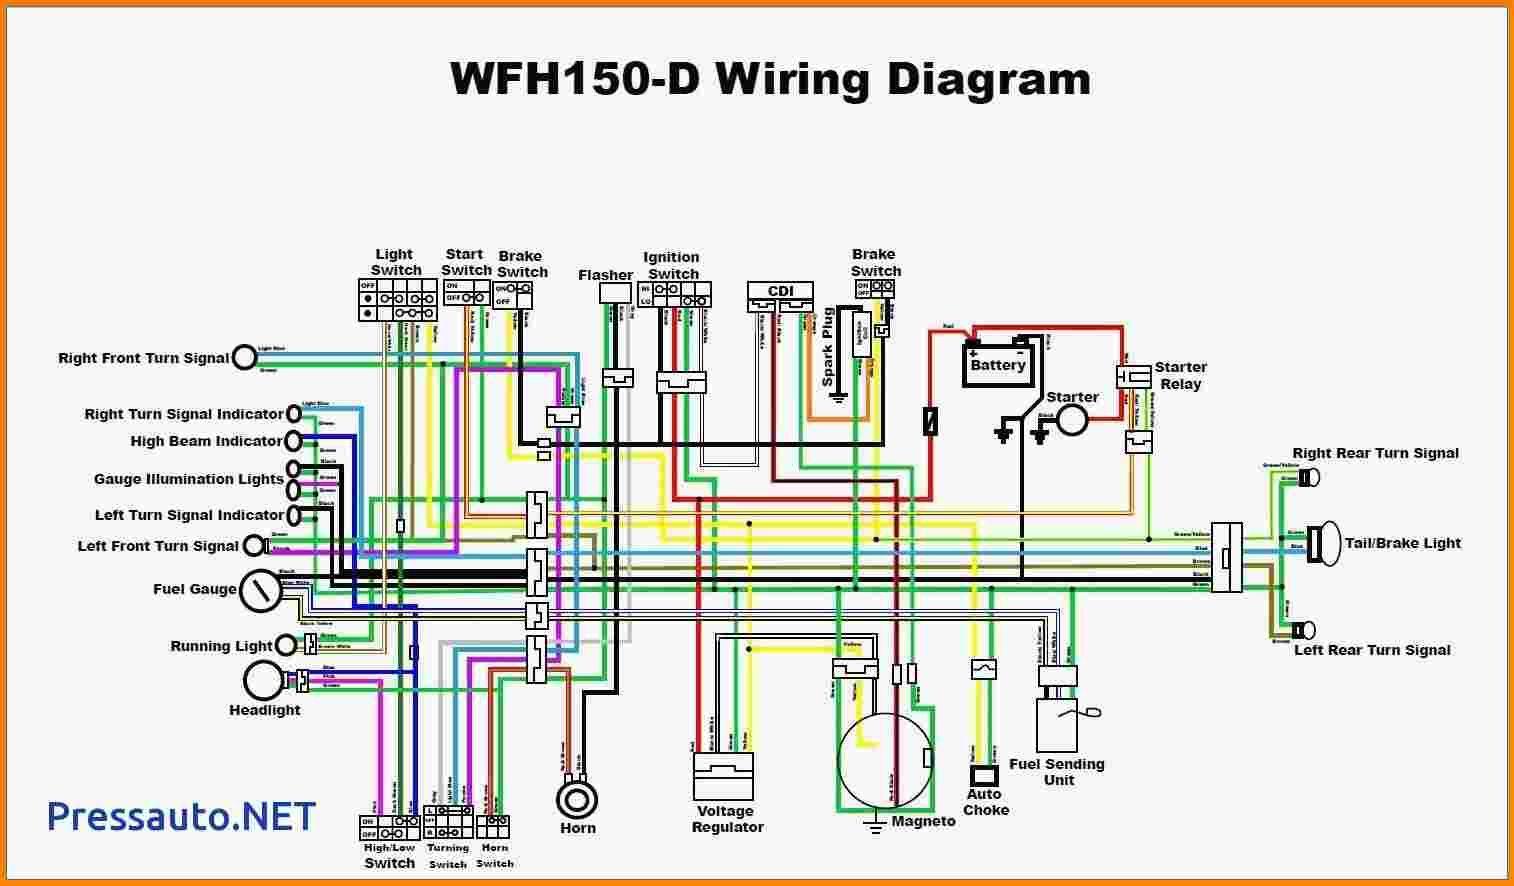 Diagram Database - Just The Best Diagram database Website   Wombat Kazuma 50cc Atv Wiring Diagram      194.169.9.tvdiagram.hosteria87.it